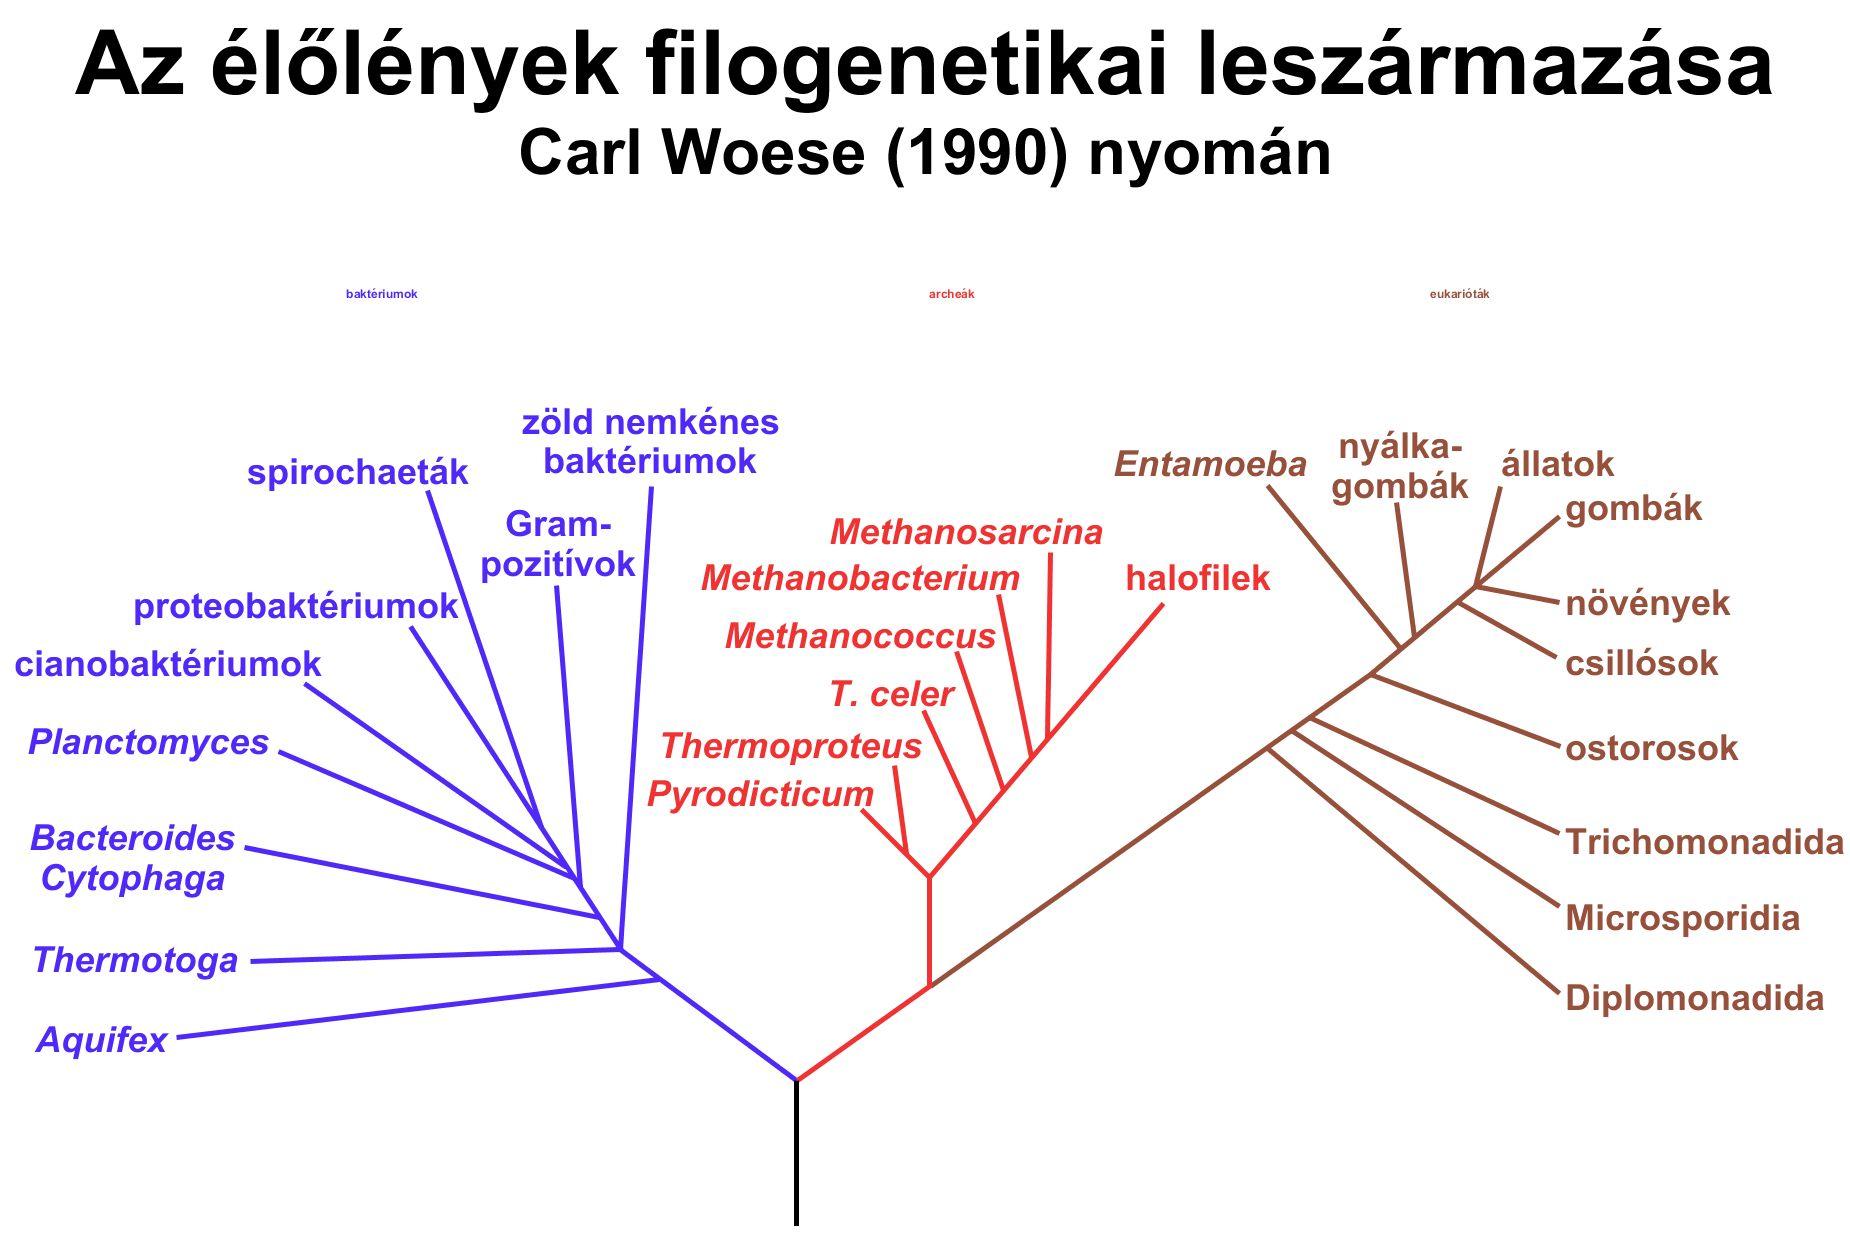 Gombák, baktériumok, vírusok | sergiopizza.hu